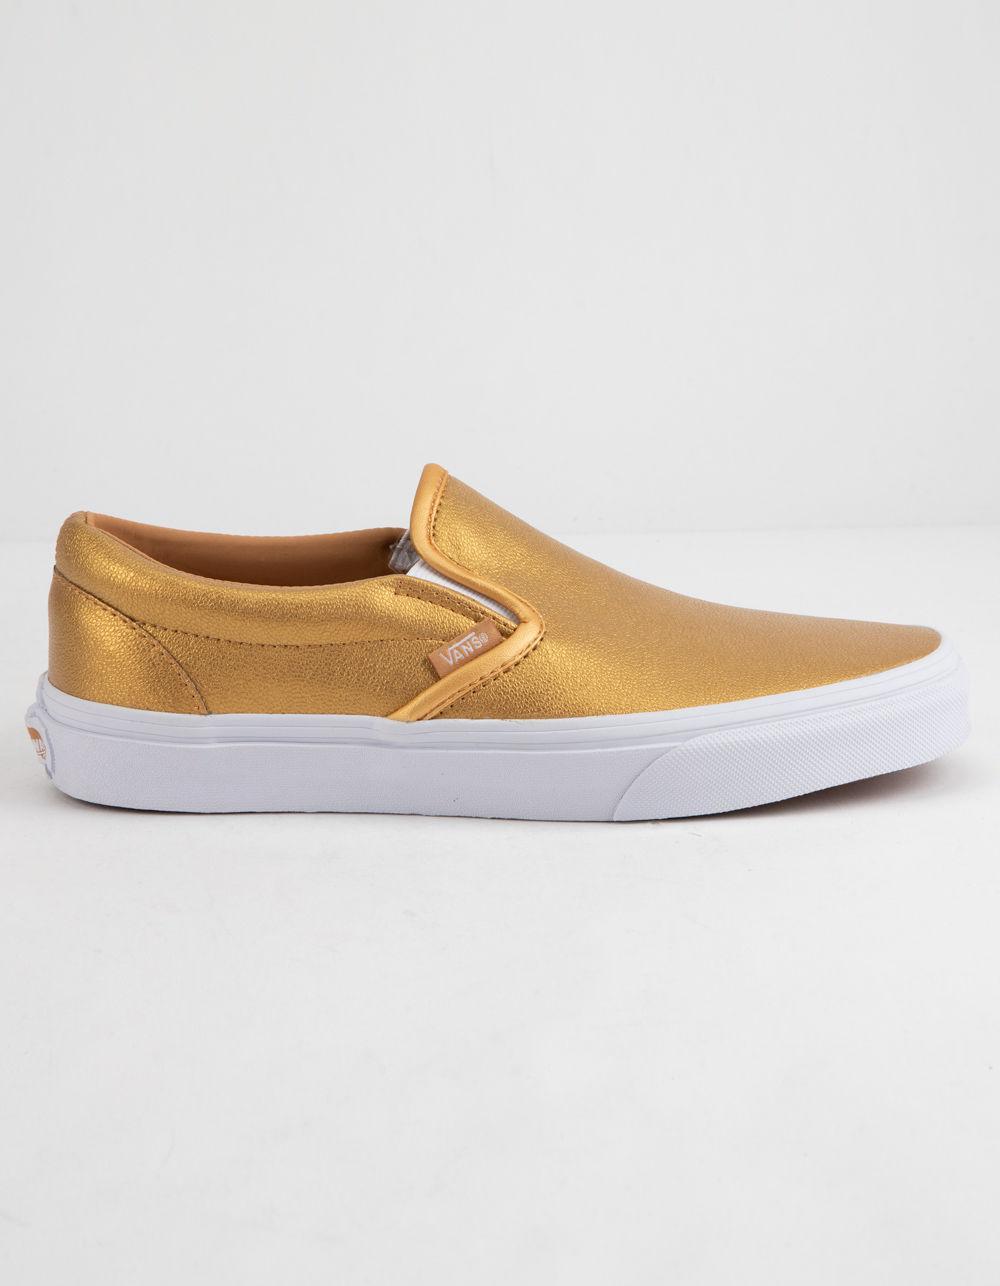 2b9f87d0ac Lyst - Vans Metallic Slip-on Bronze Womens Shoes in Metallic